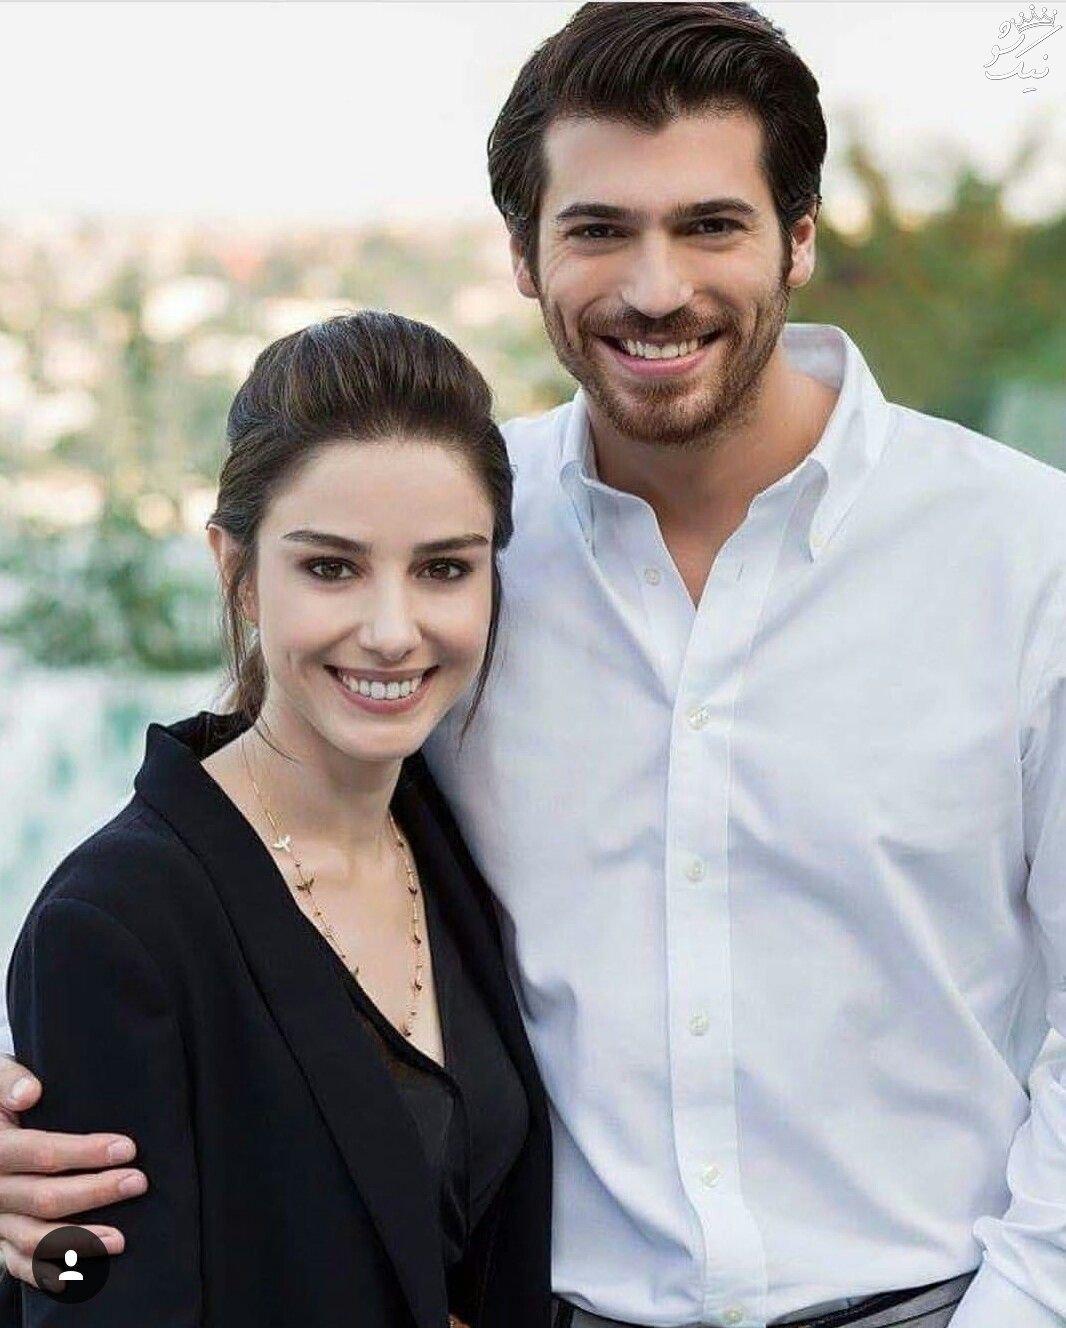 بیوگرافی اوزگه گورل Özge Gürel بازیگر زیبای ترک